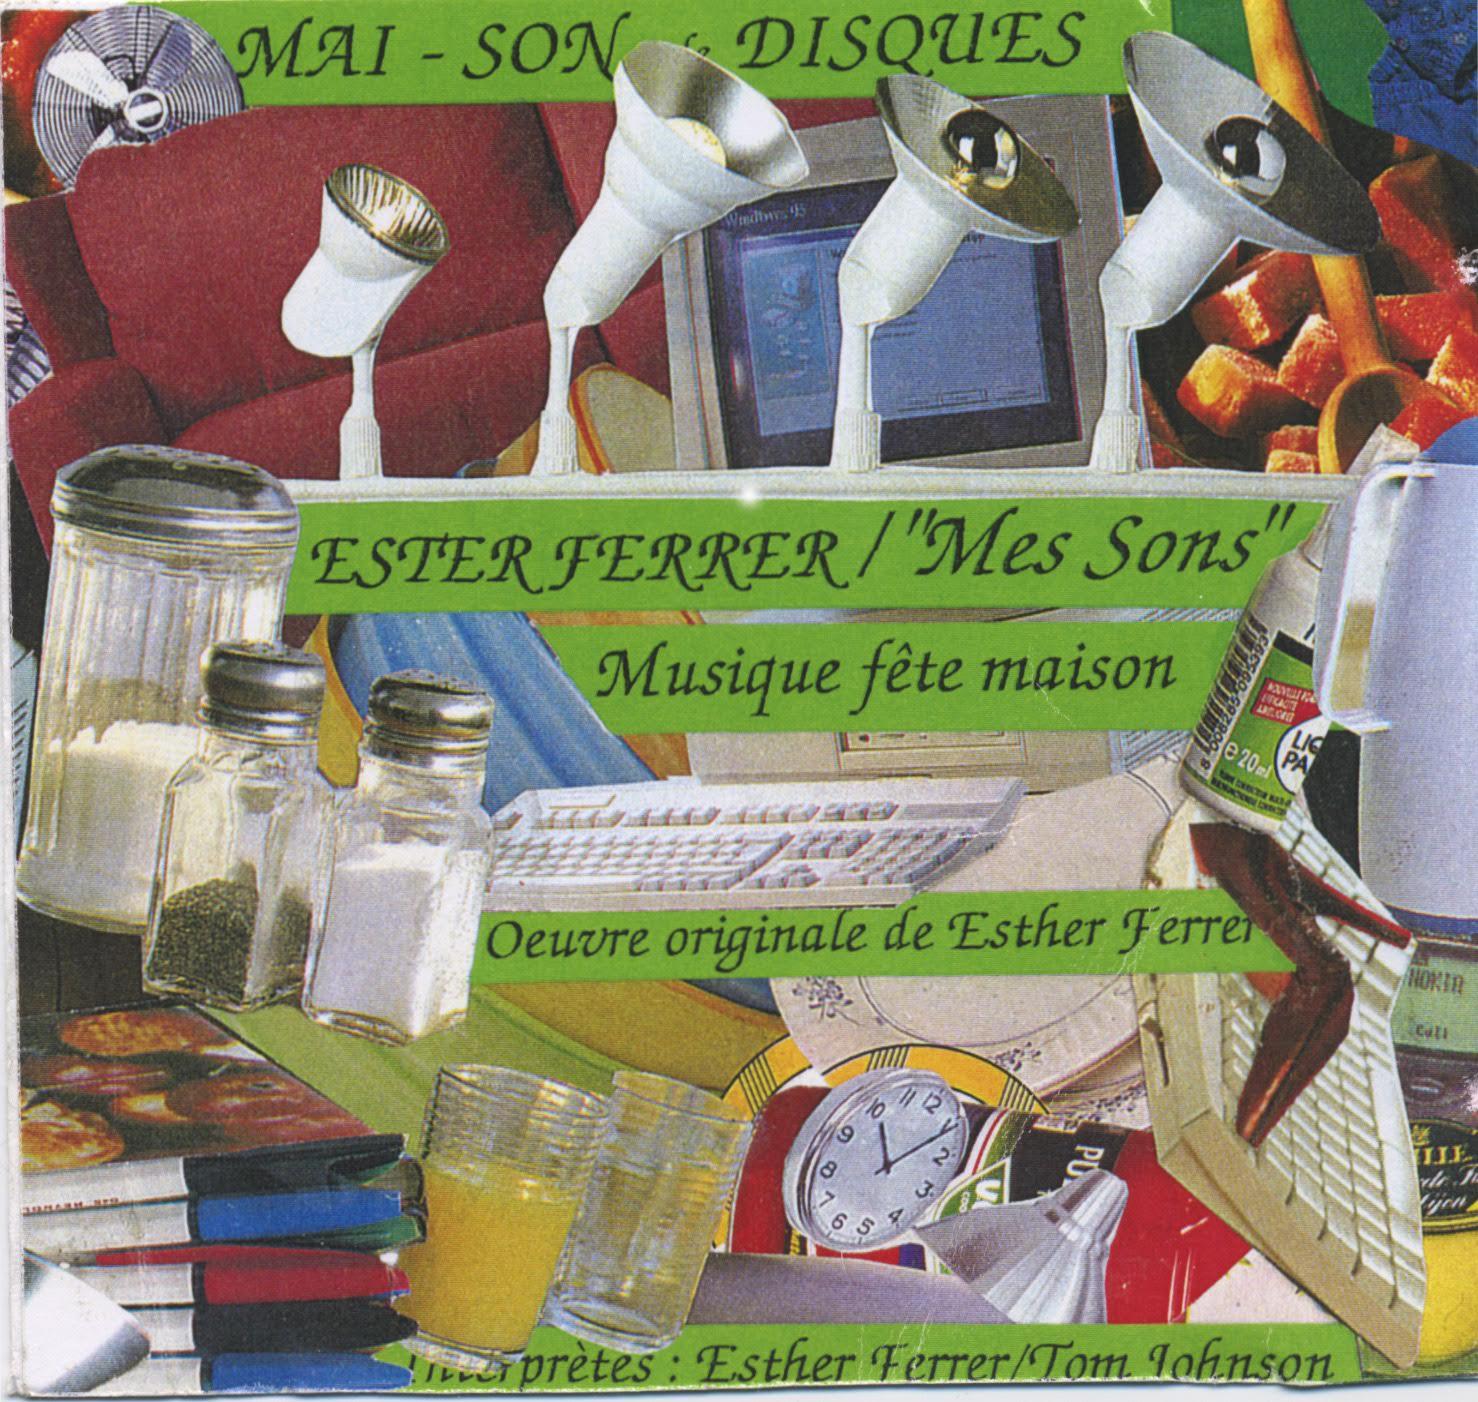 Esther Ferrer, Fête Maison cover art (1998)